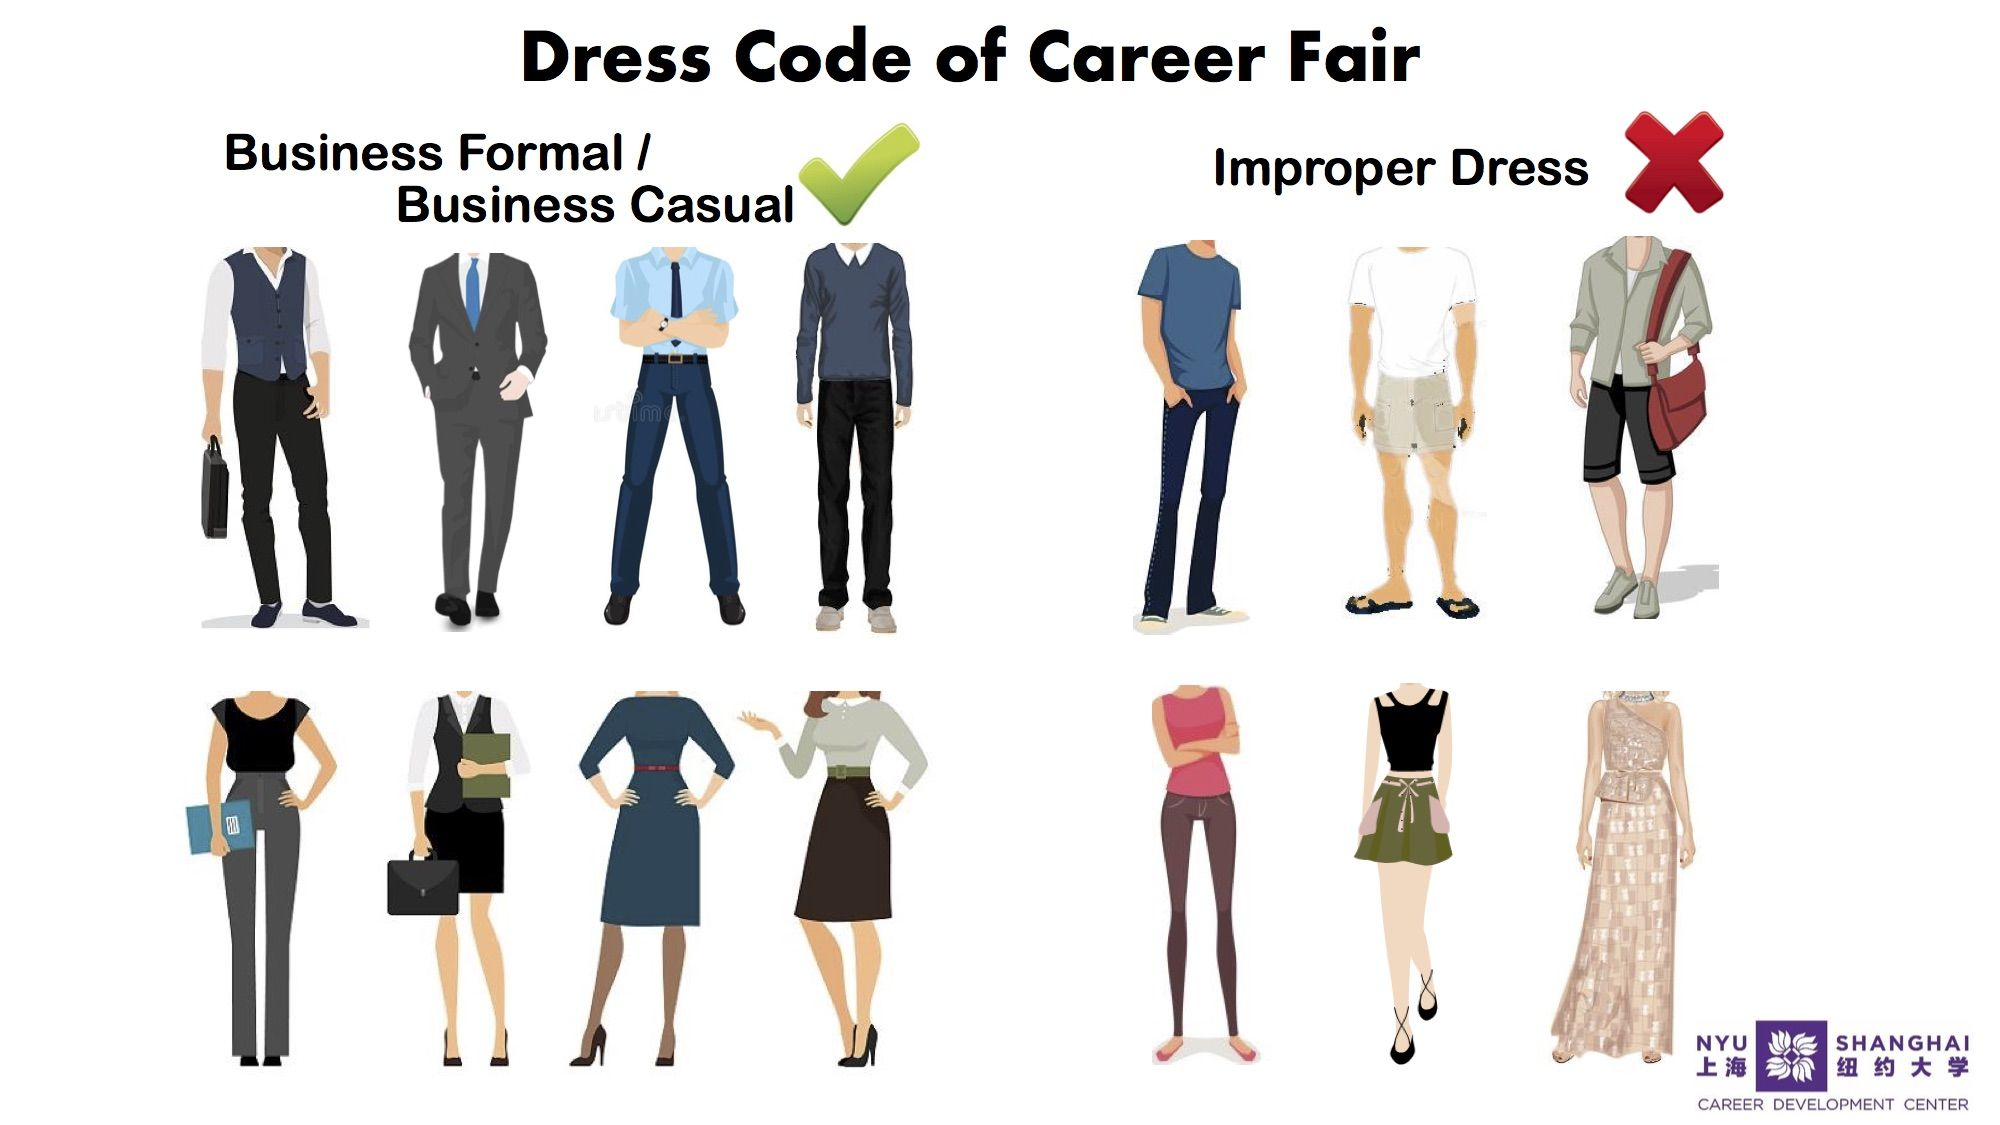 2019 SPRING JOINT CAREER FAIR Career Development Dress